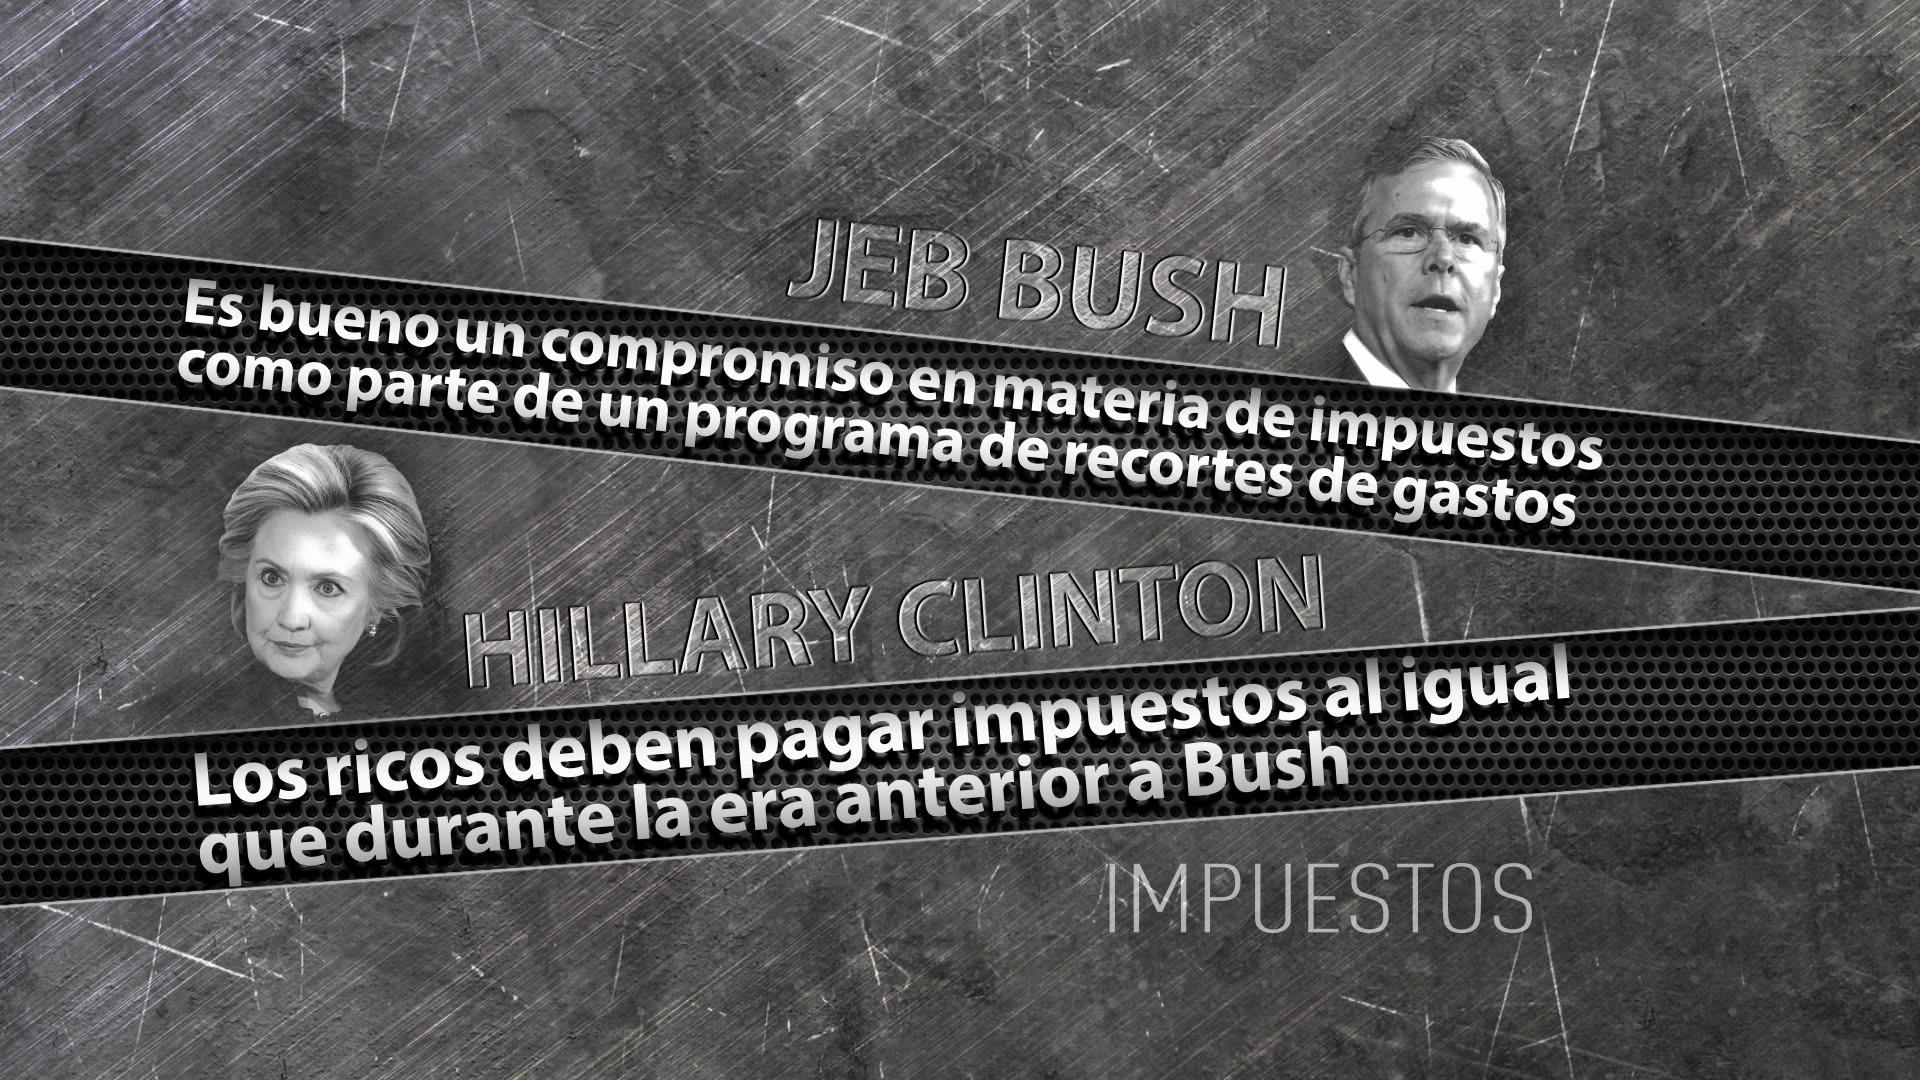 Las posturas de Jeb Bush y Hillary Clinton sobre los impuestos